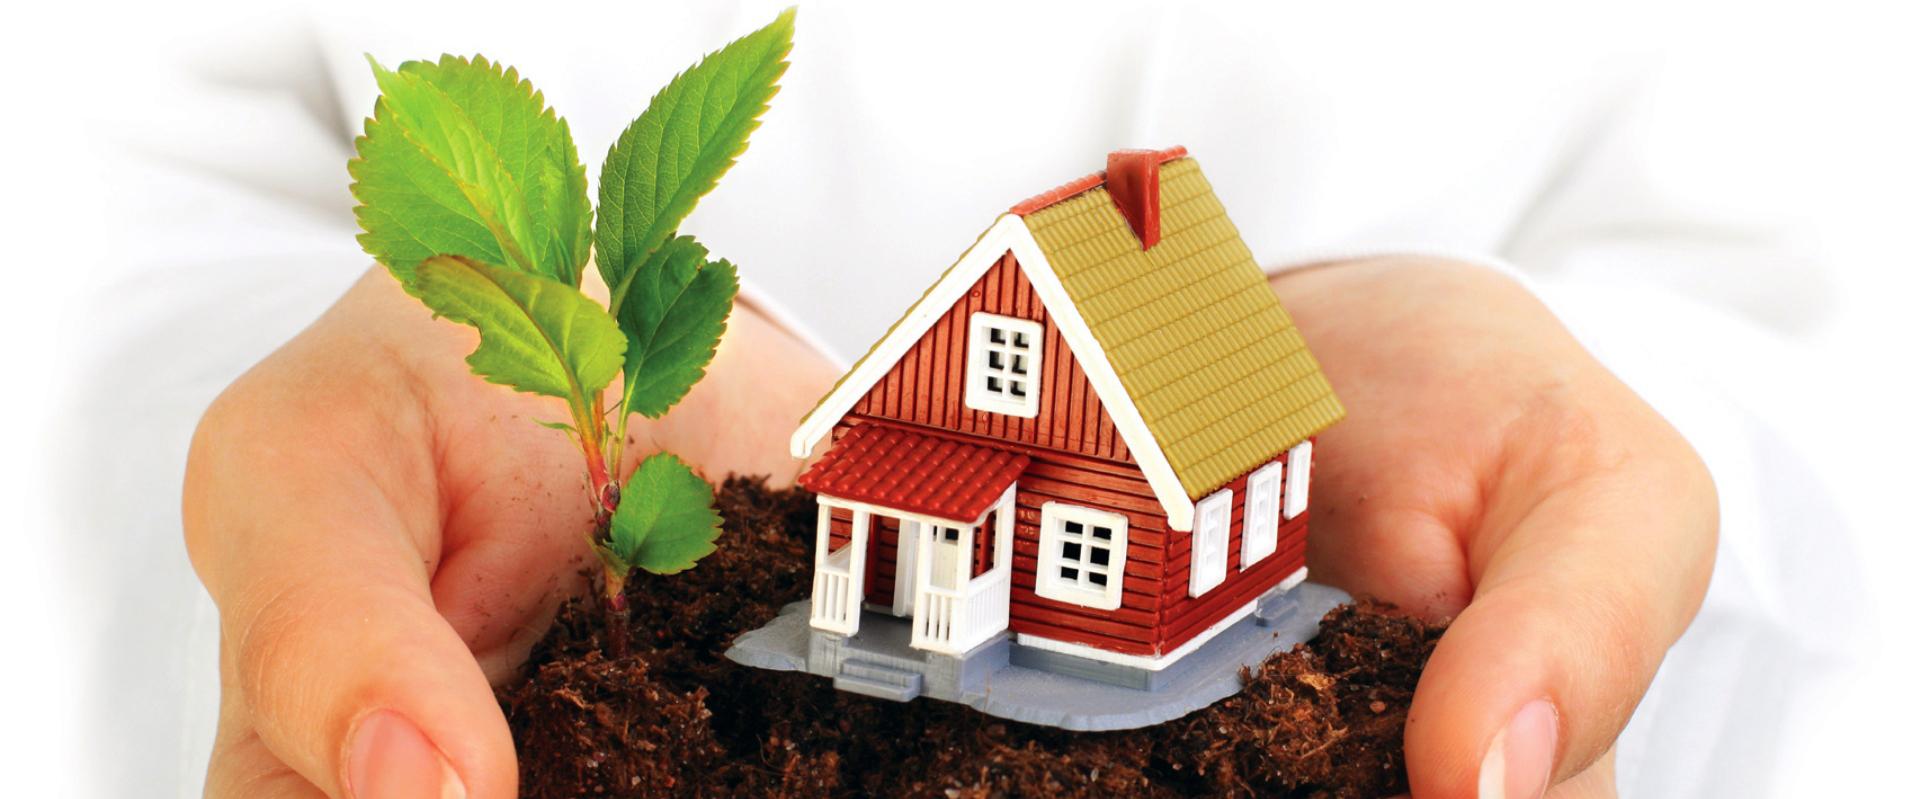 Земля и дом в руках